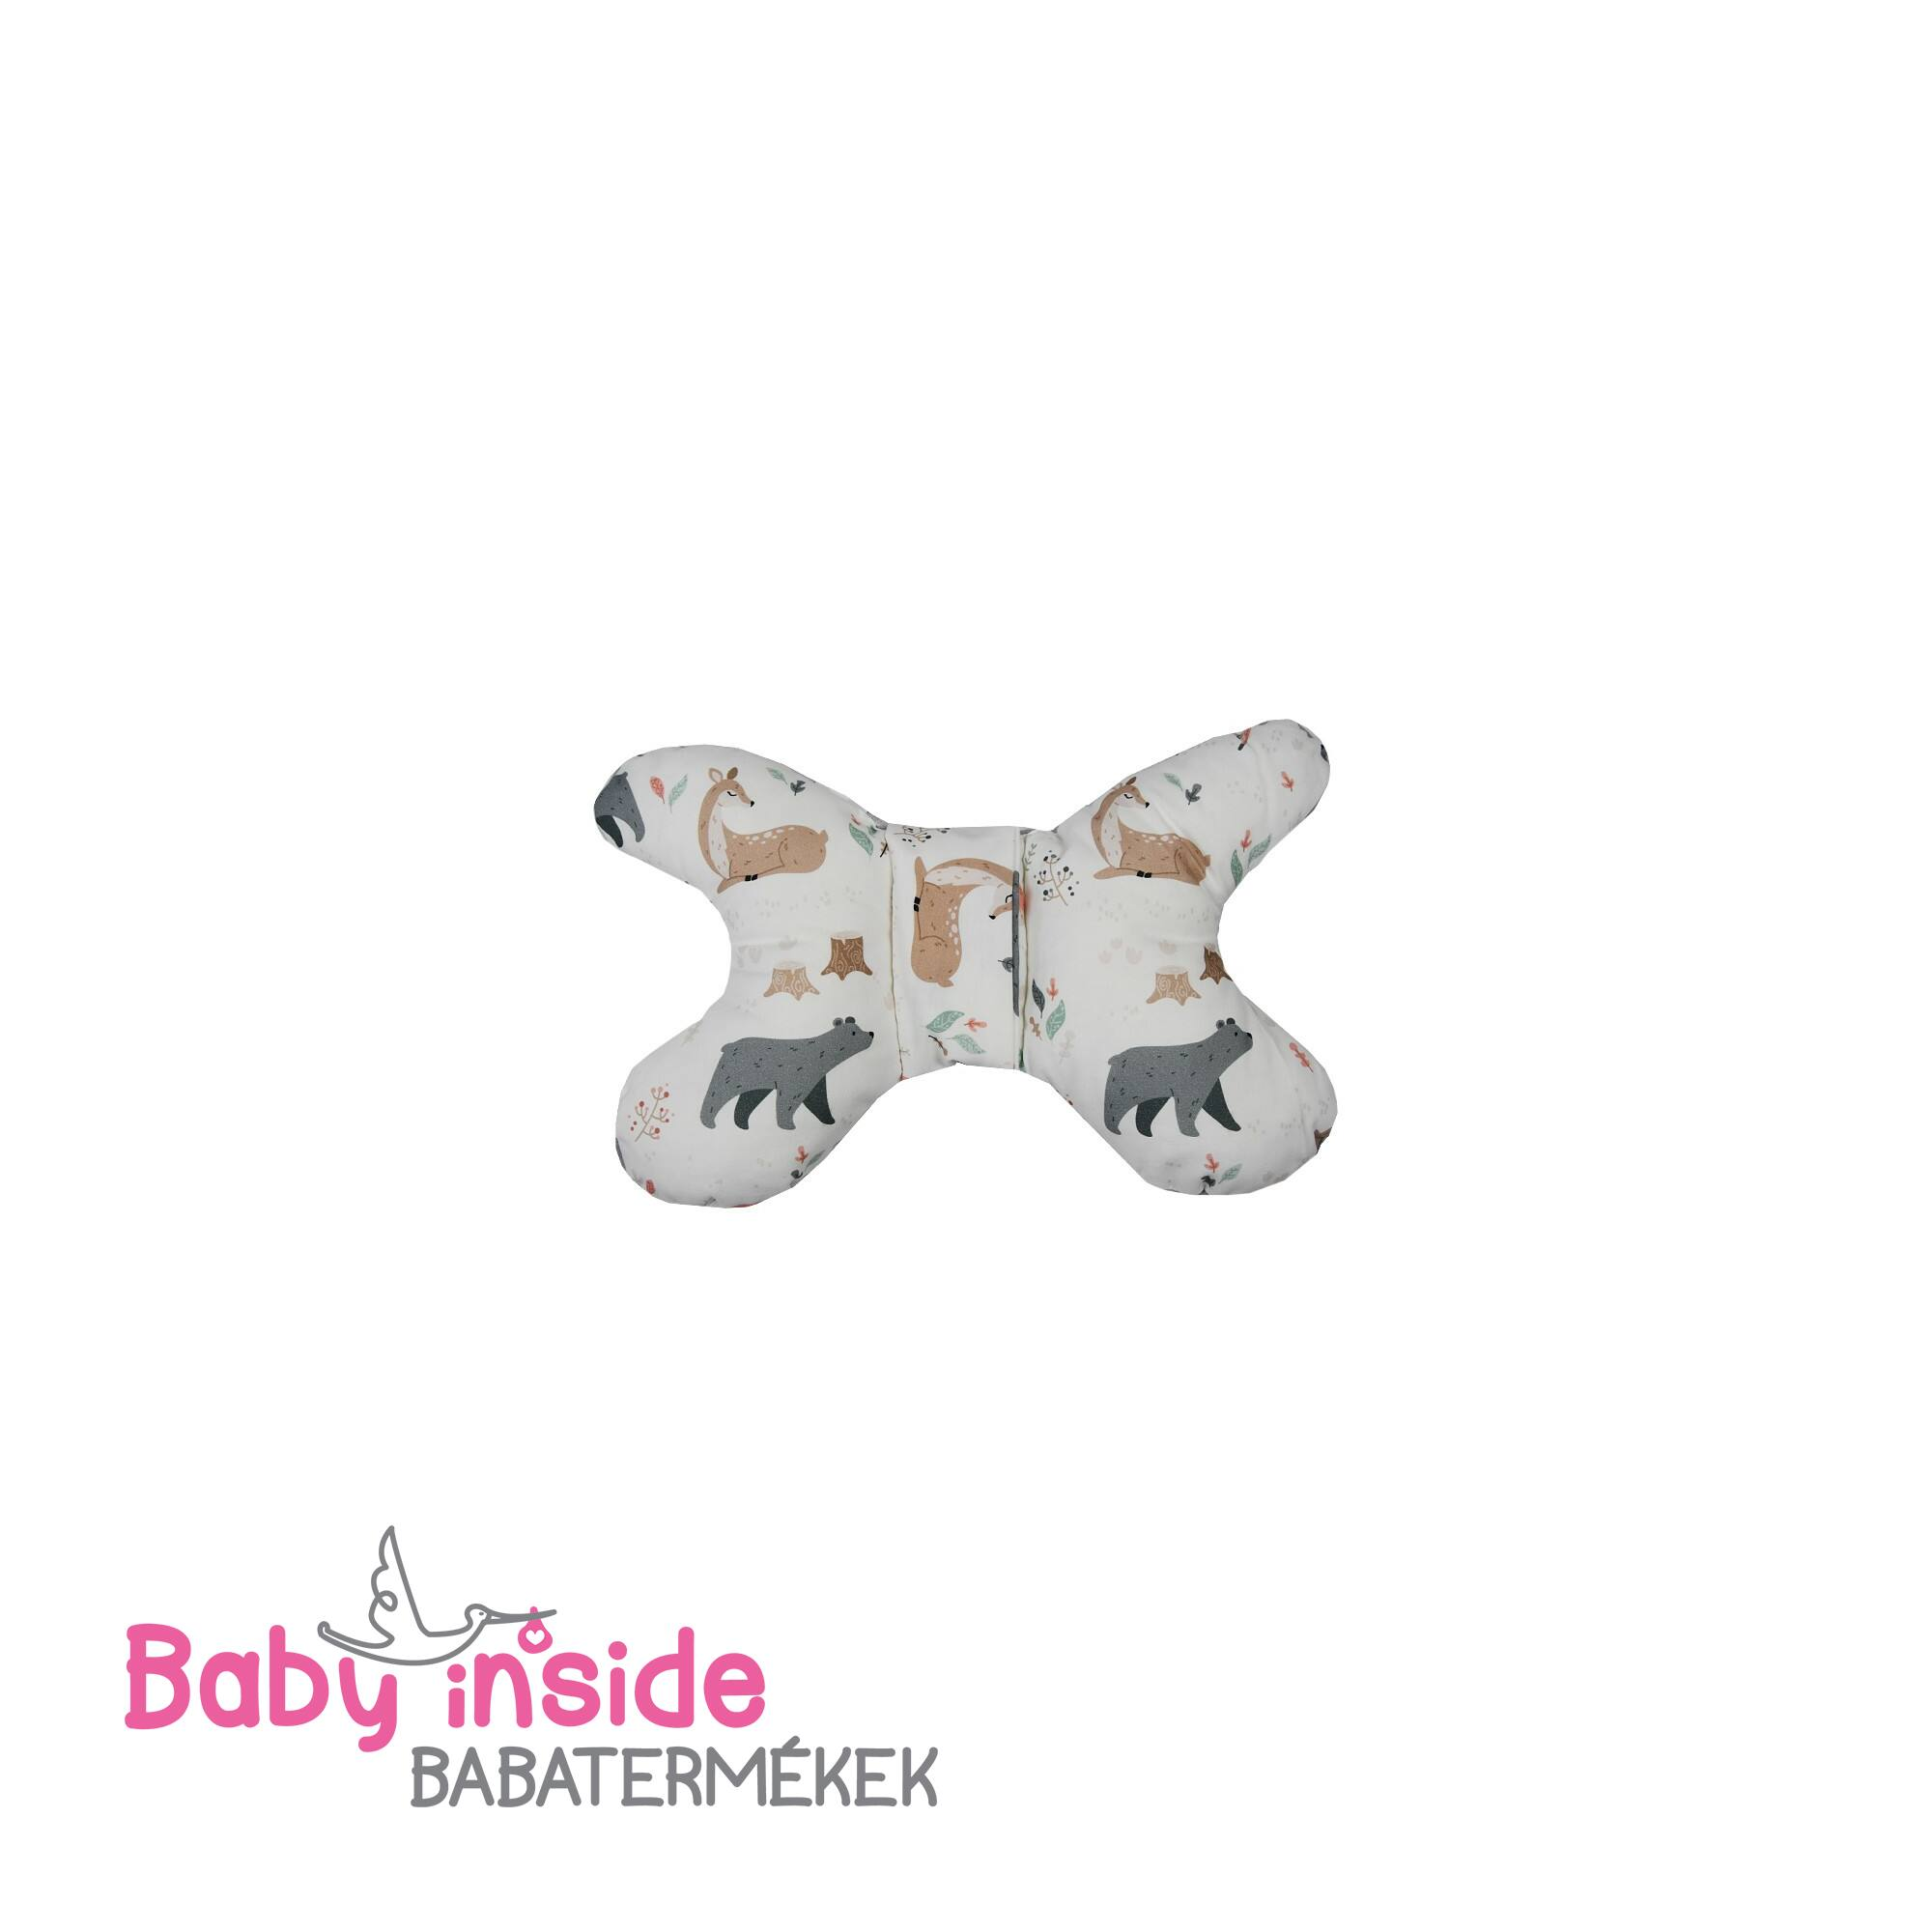 EKO Pillangó párna Vadon kincse